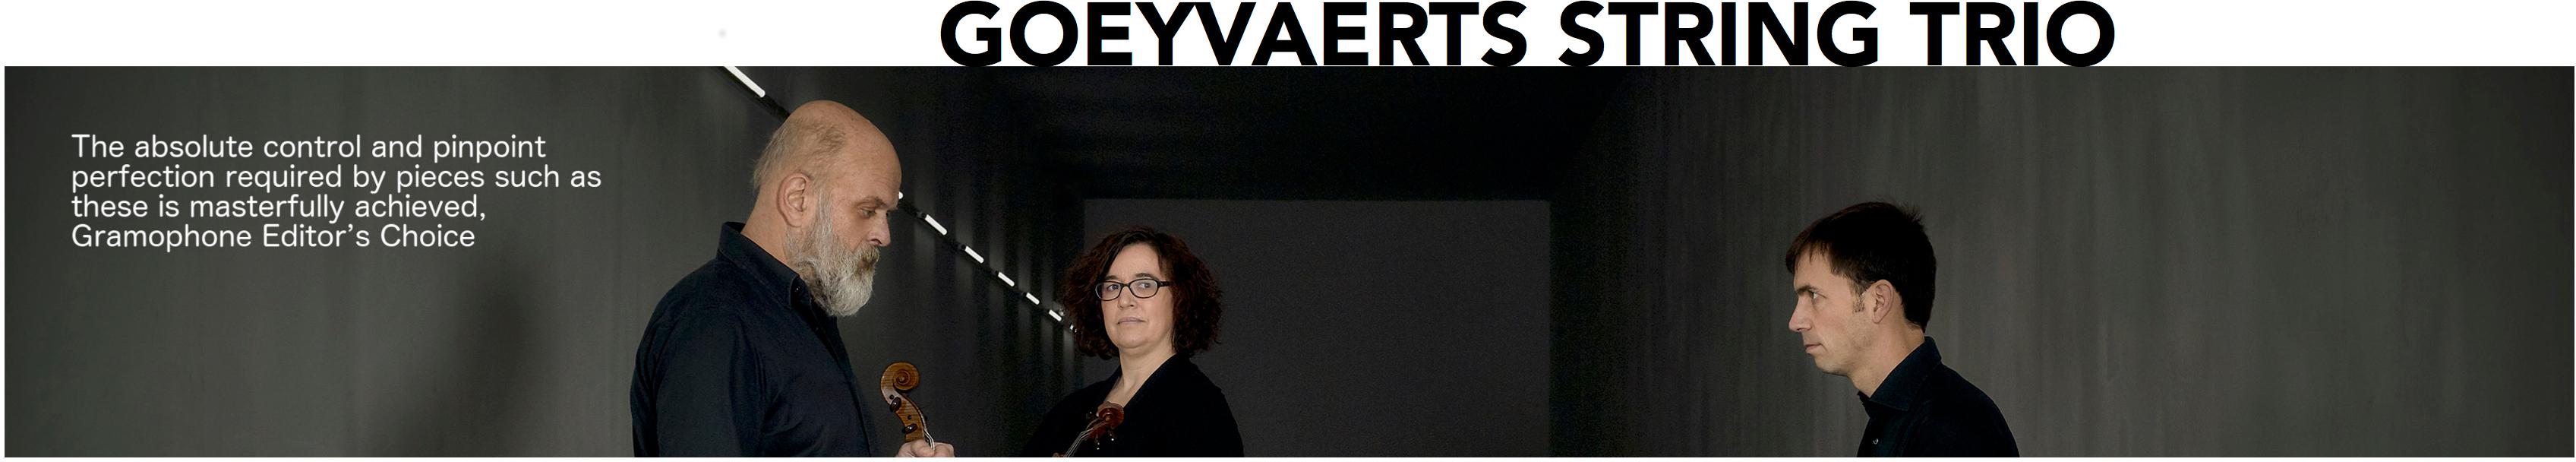 Goeyvaerts String Trio